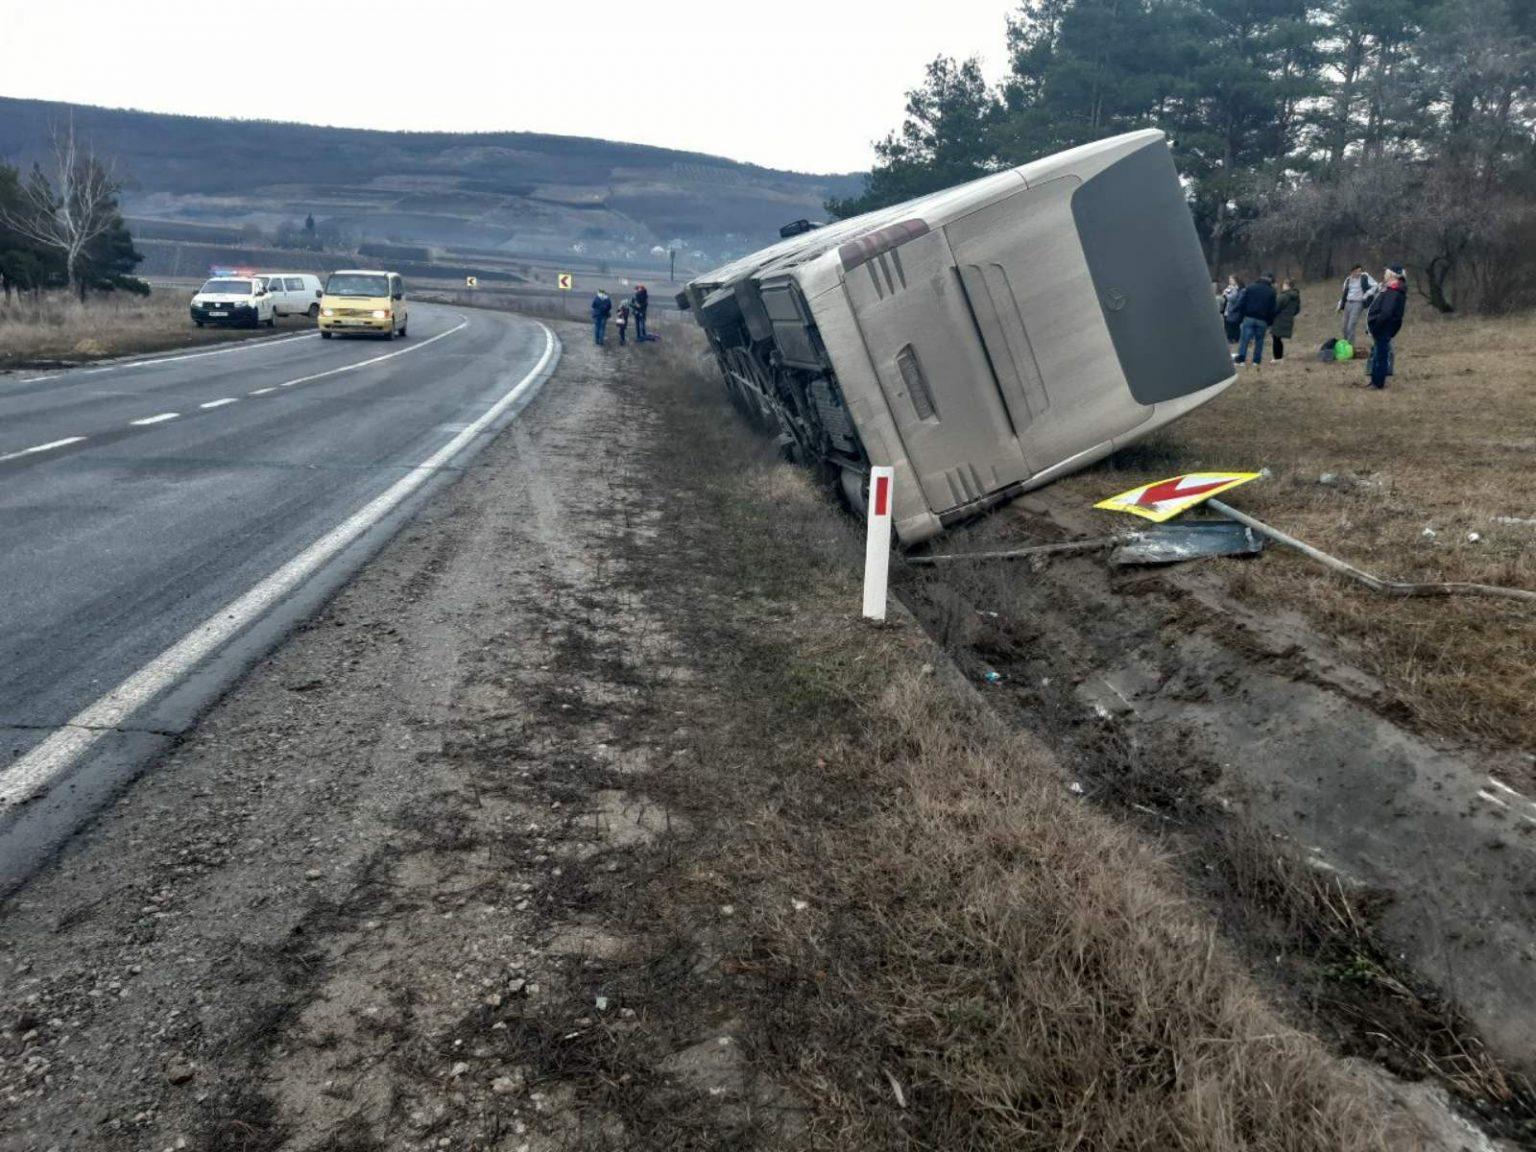 38 de moldoveni, care veneau din Italia, au nimerit într-un accident. Autocarul, în care se aflau, s-a răsturnat